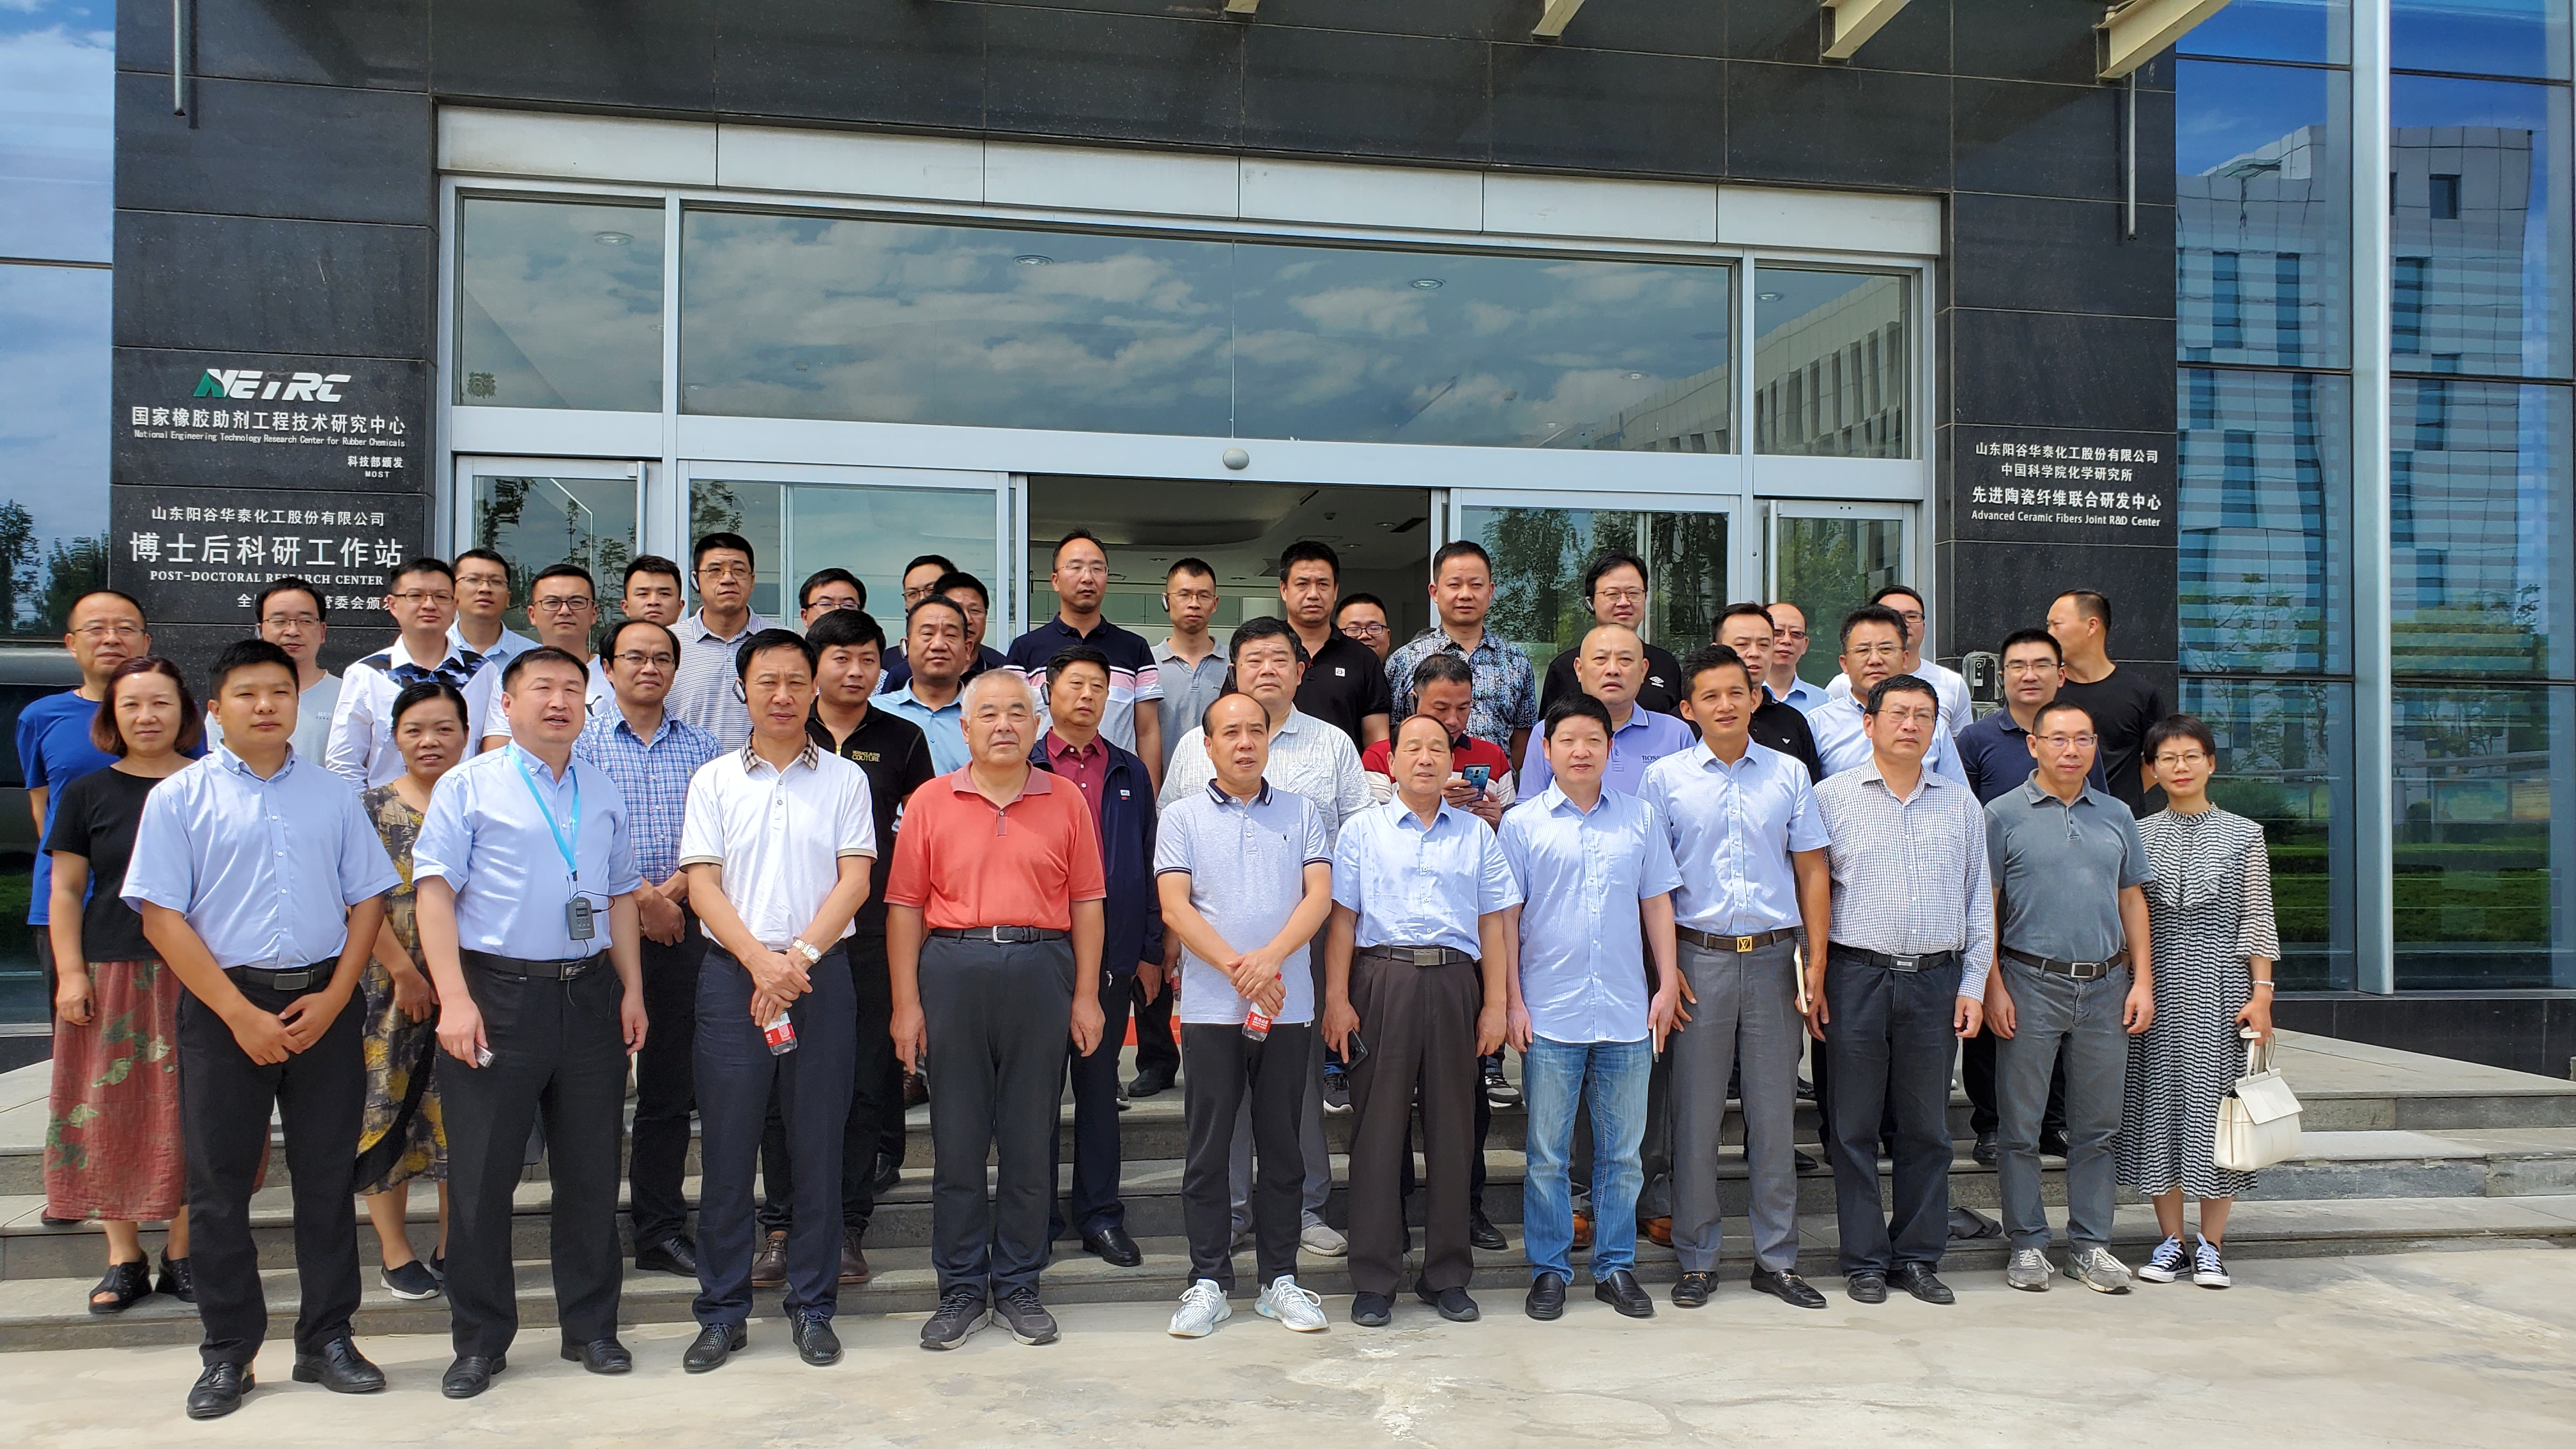 中国橡胶工业协会橡胶助剂专业委员会第九届八次理事会暨专家组扩大会议在阳谷召开